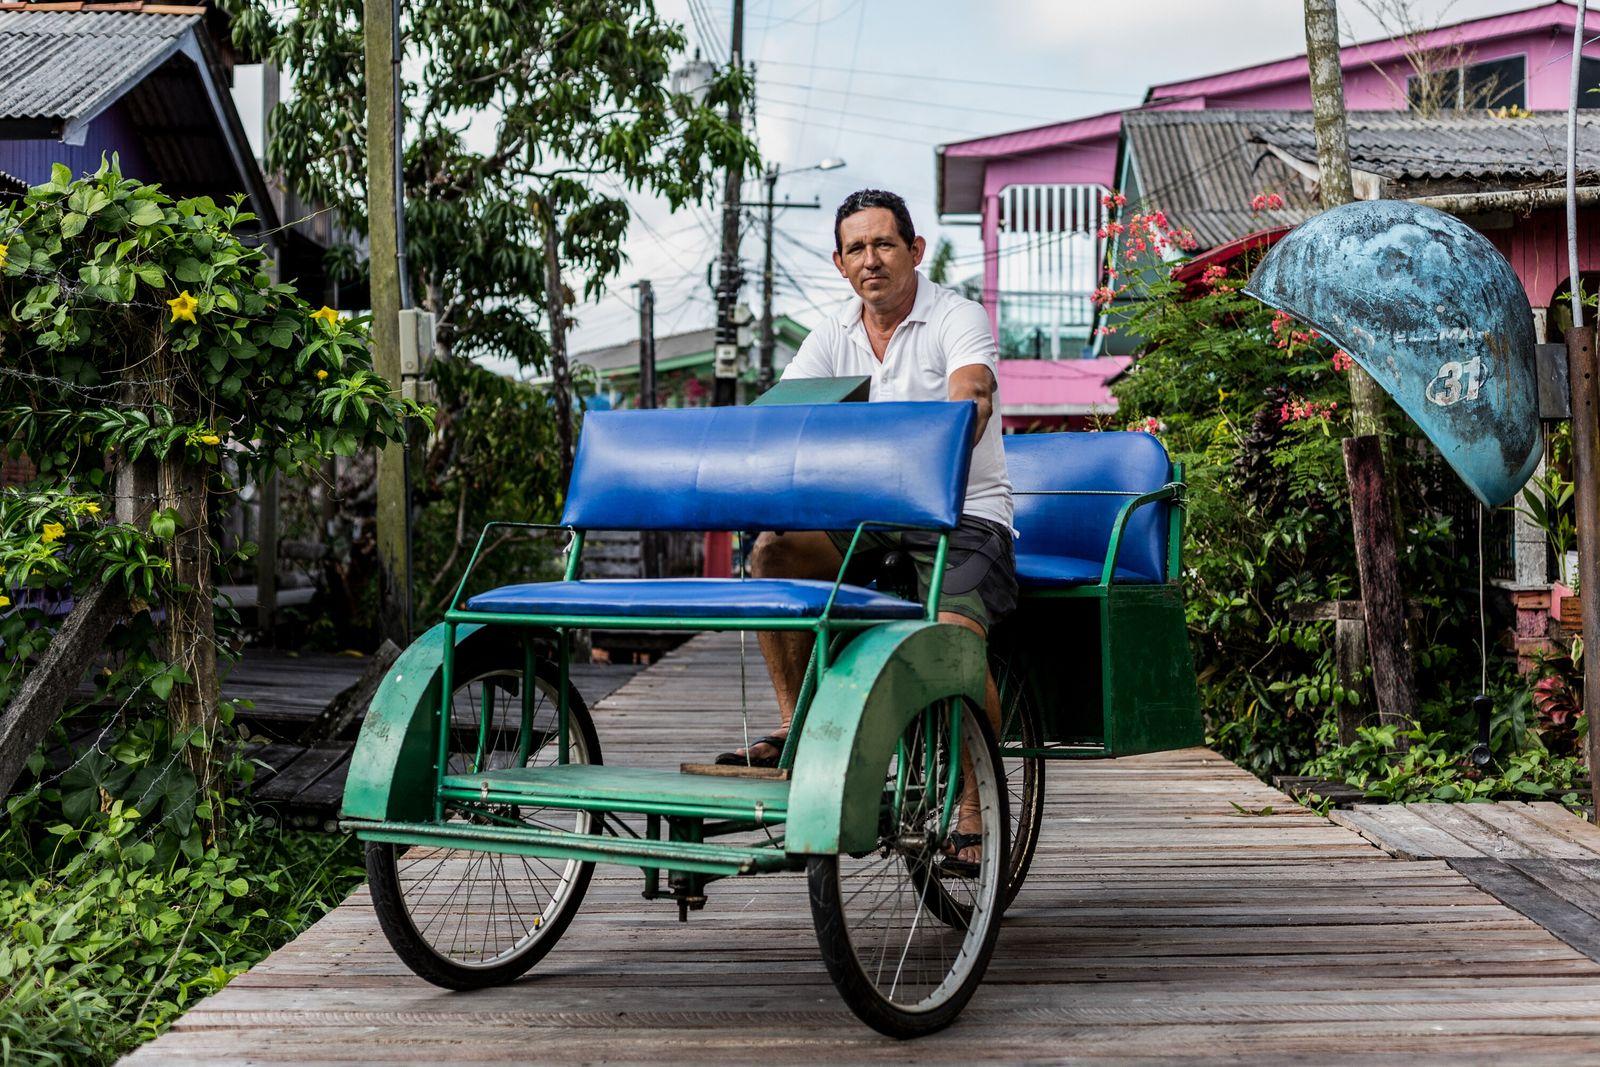 homem posa para foto em bicicleta com três rodas e quatro lugares sobre uma via de ...